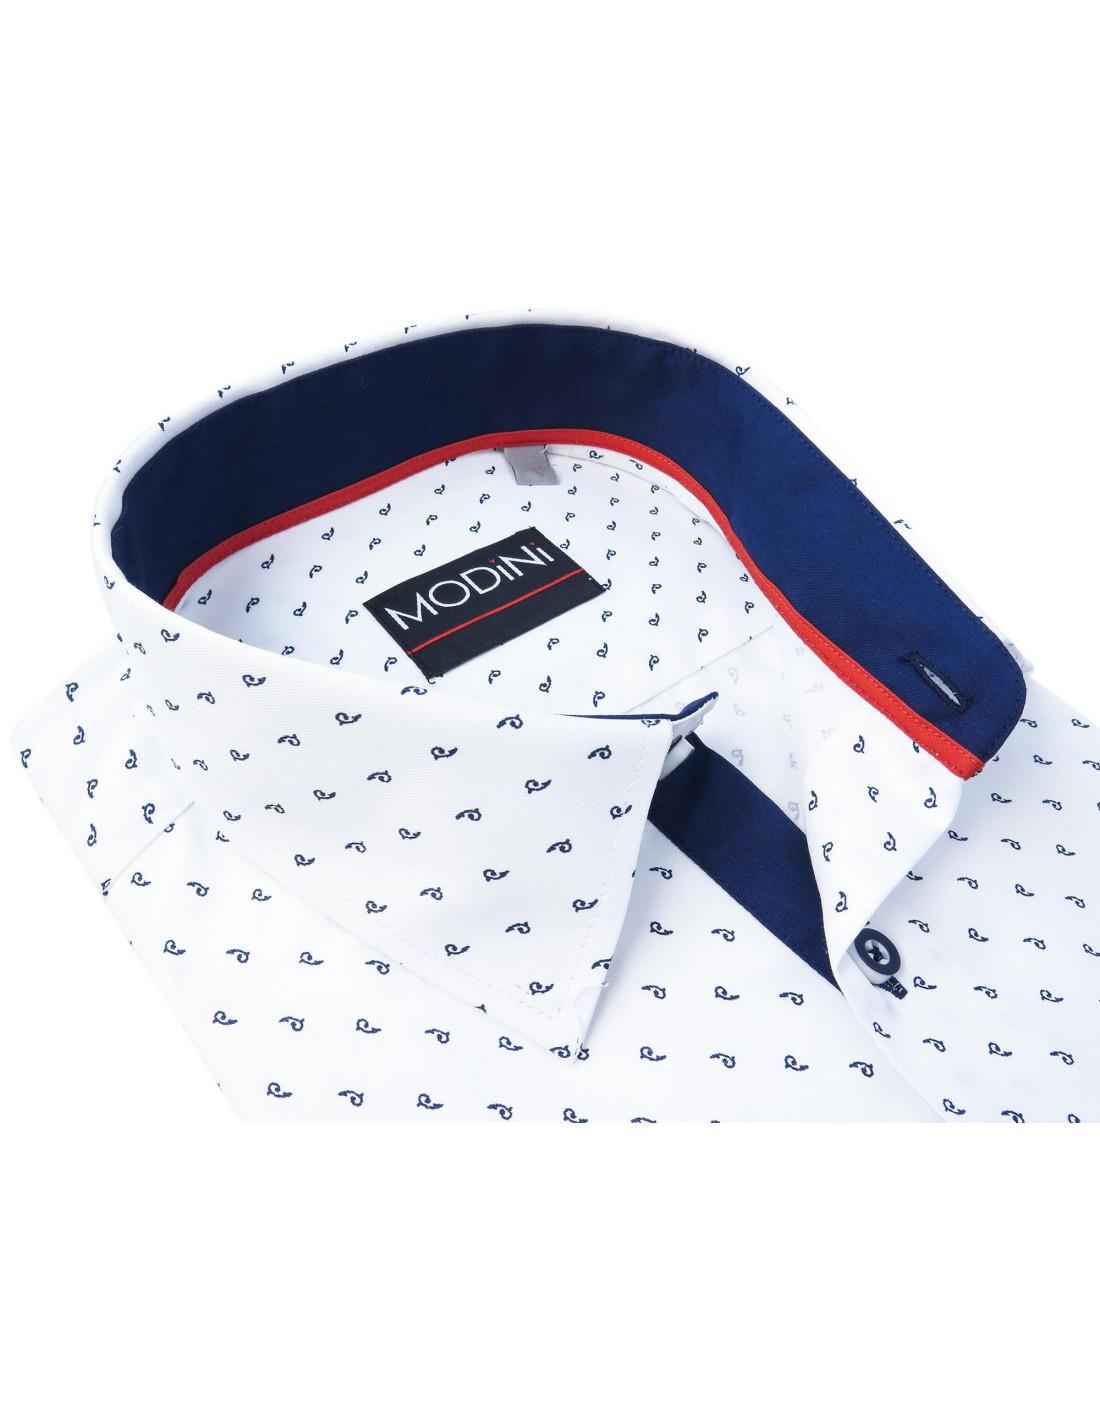 e5f77bd0527b7 Biała koszula męska z krótkim rękawem z granatowym wzorem MK8 ...